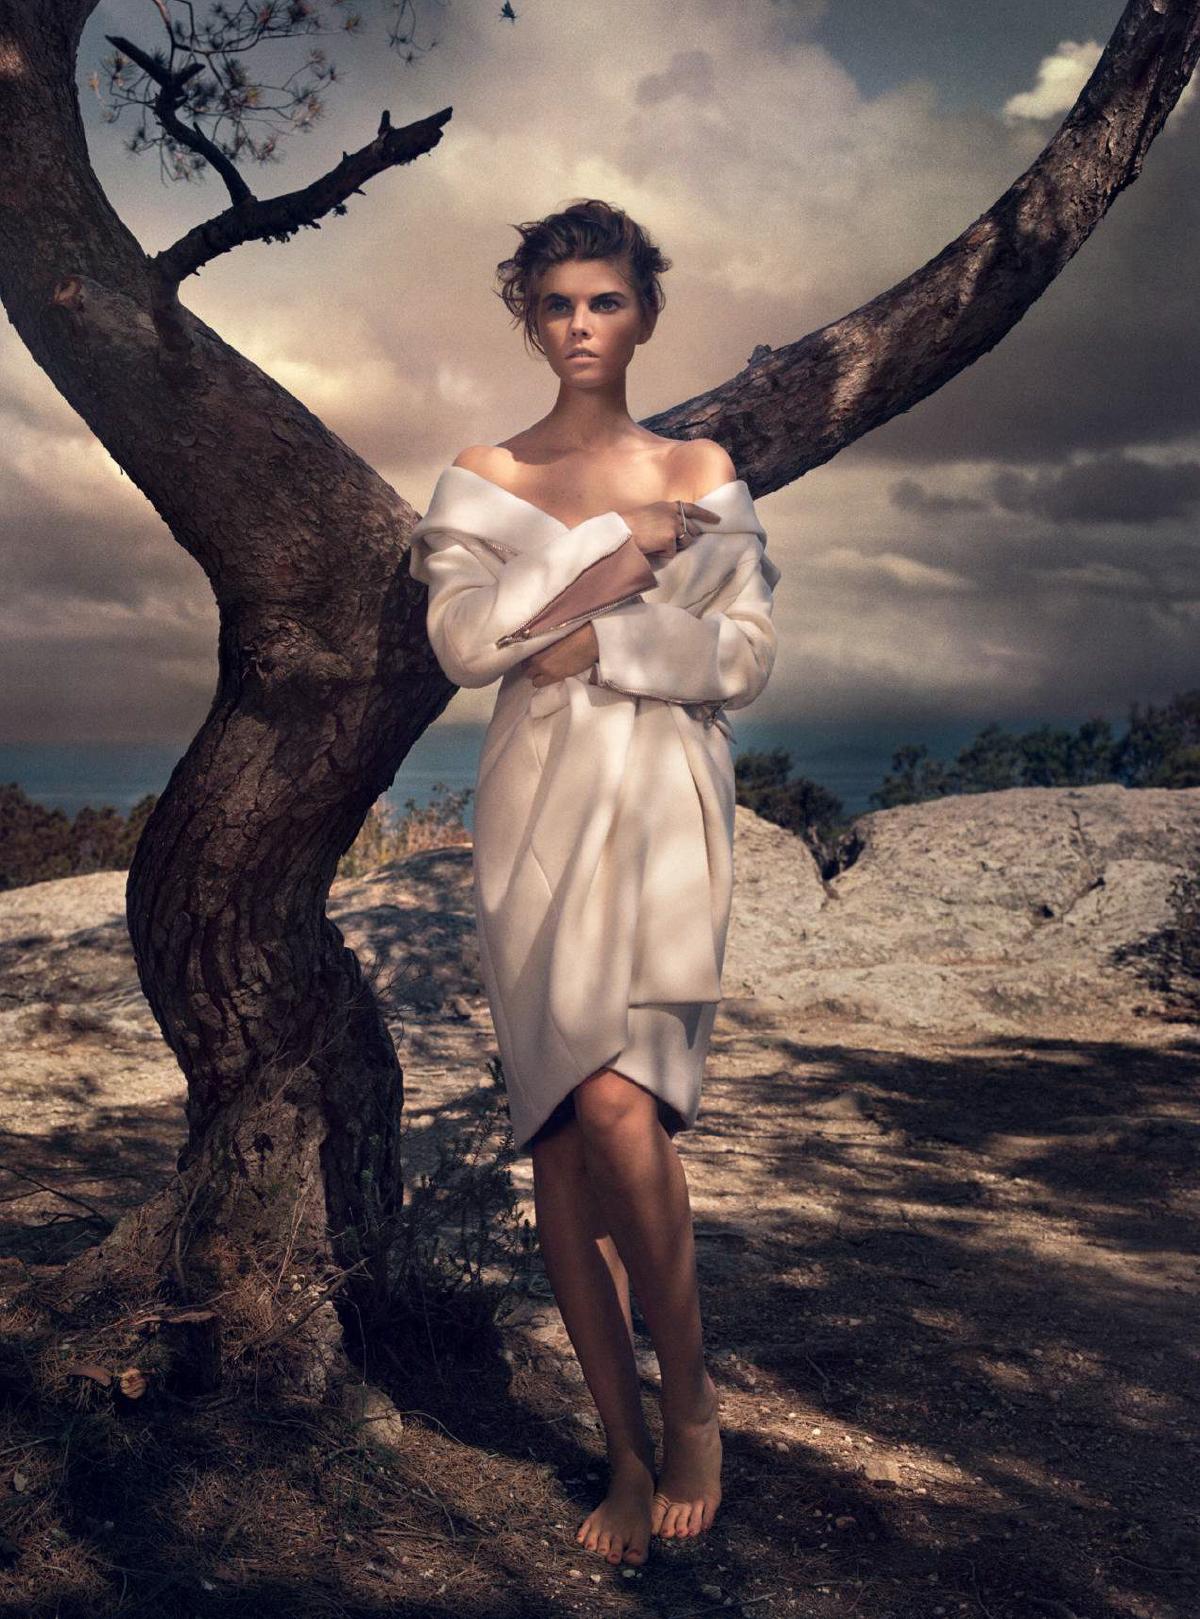 La isla de los sueños y la moda, 2016